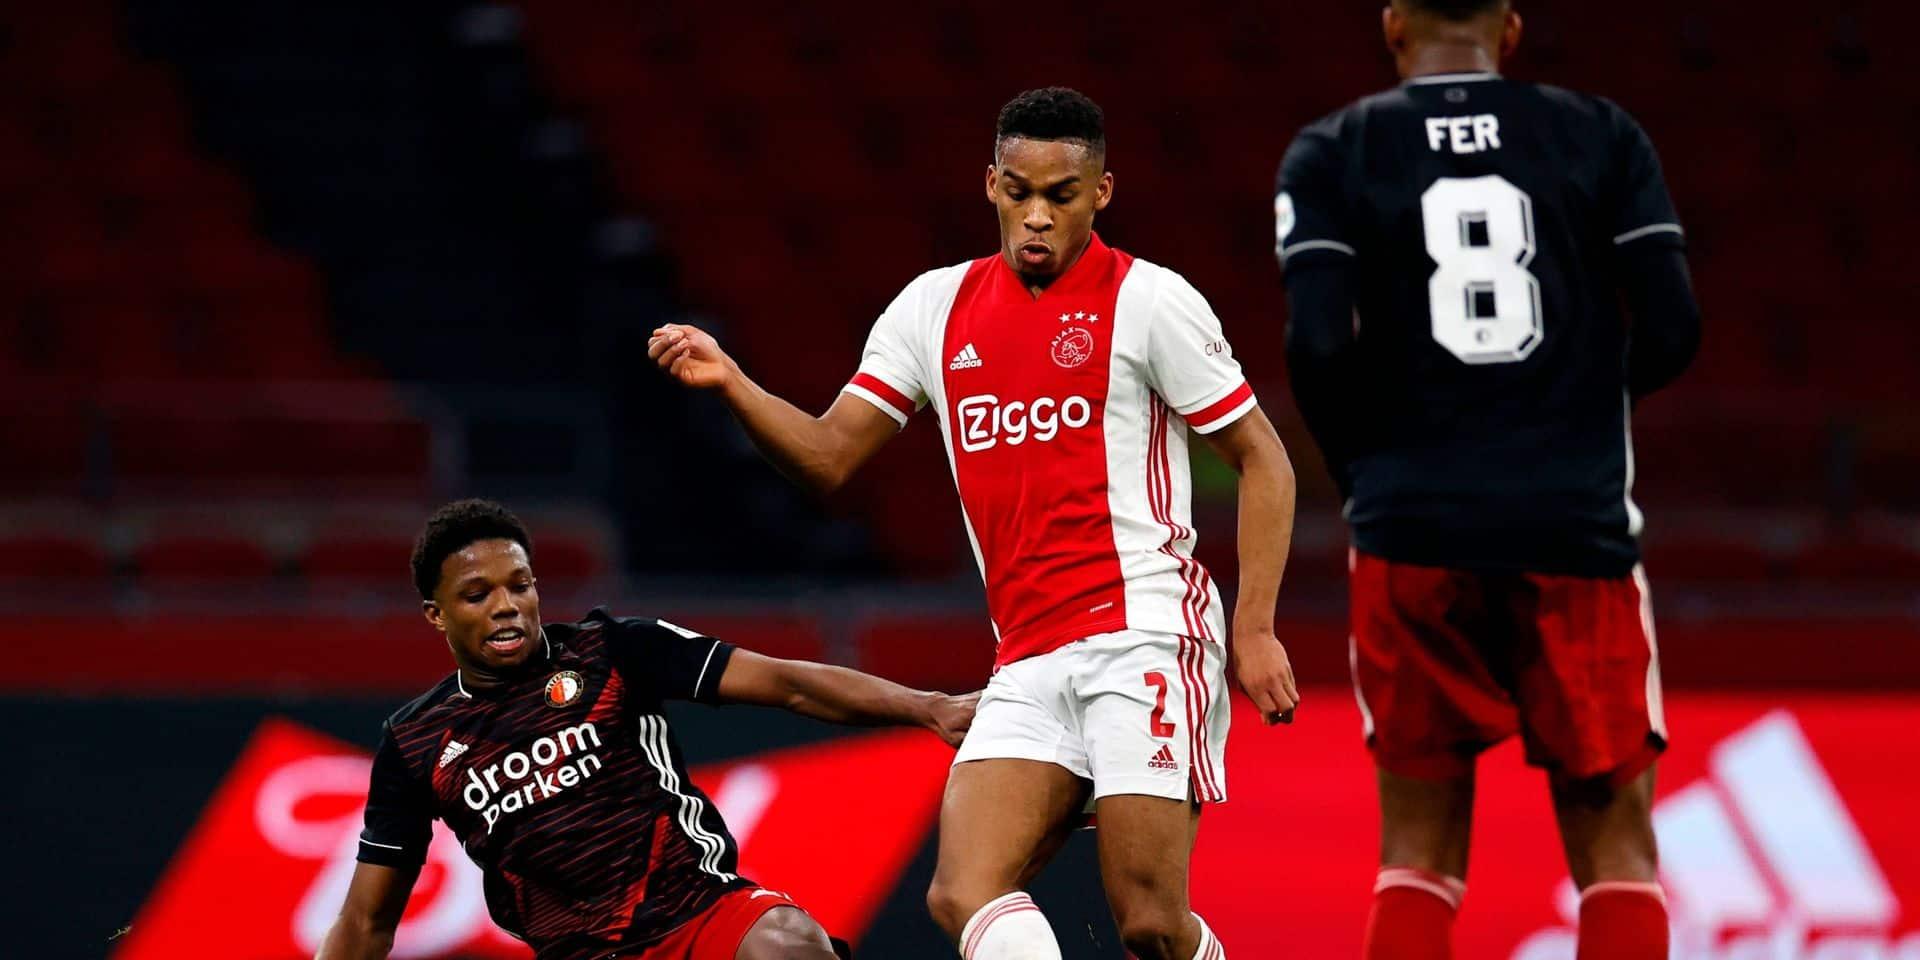 L'Ajax bat Feyenoord et se retrouve seul en tête du championnat